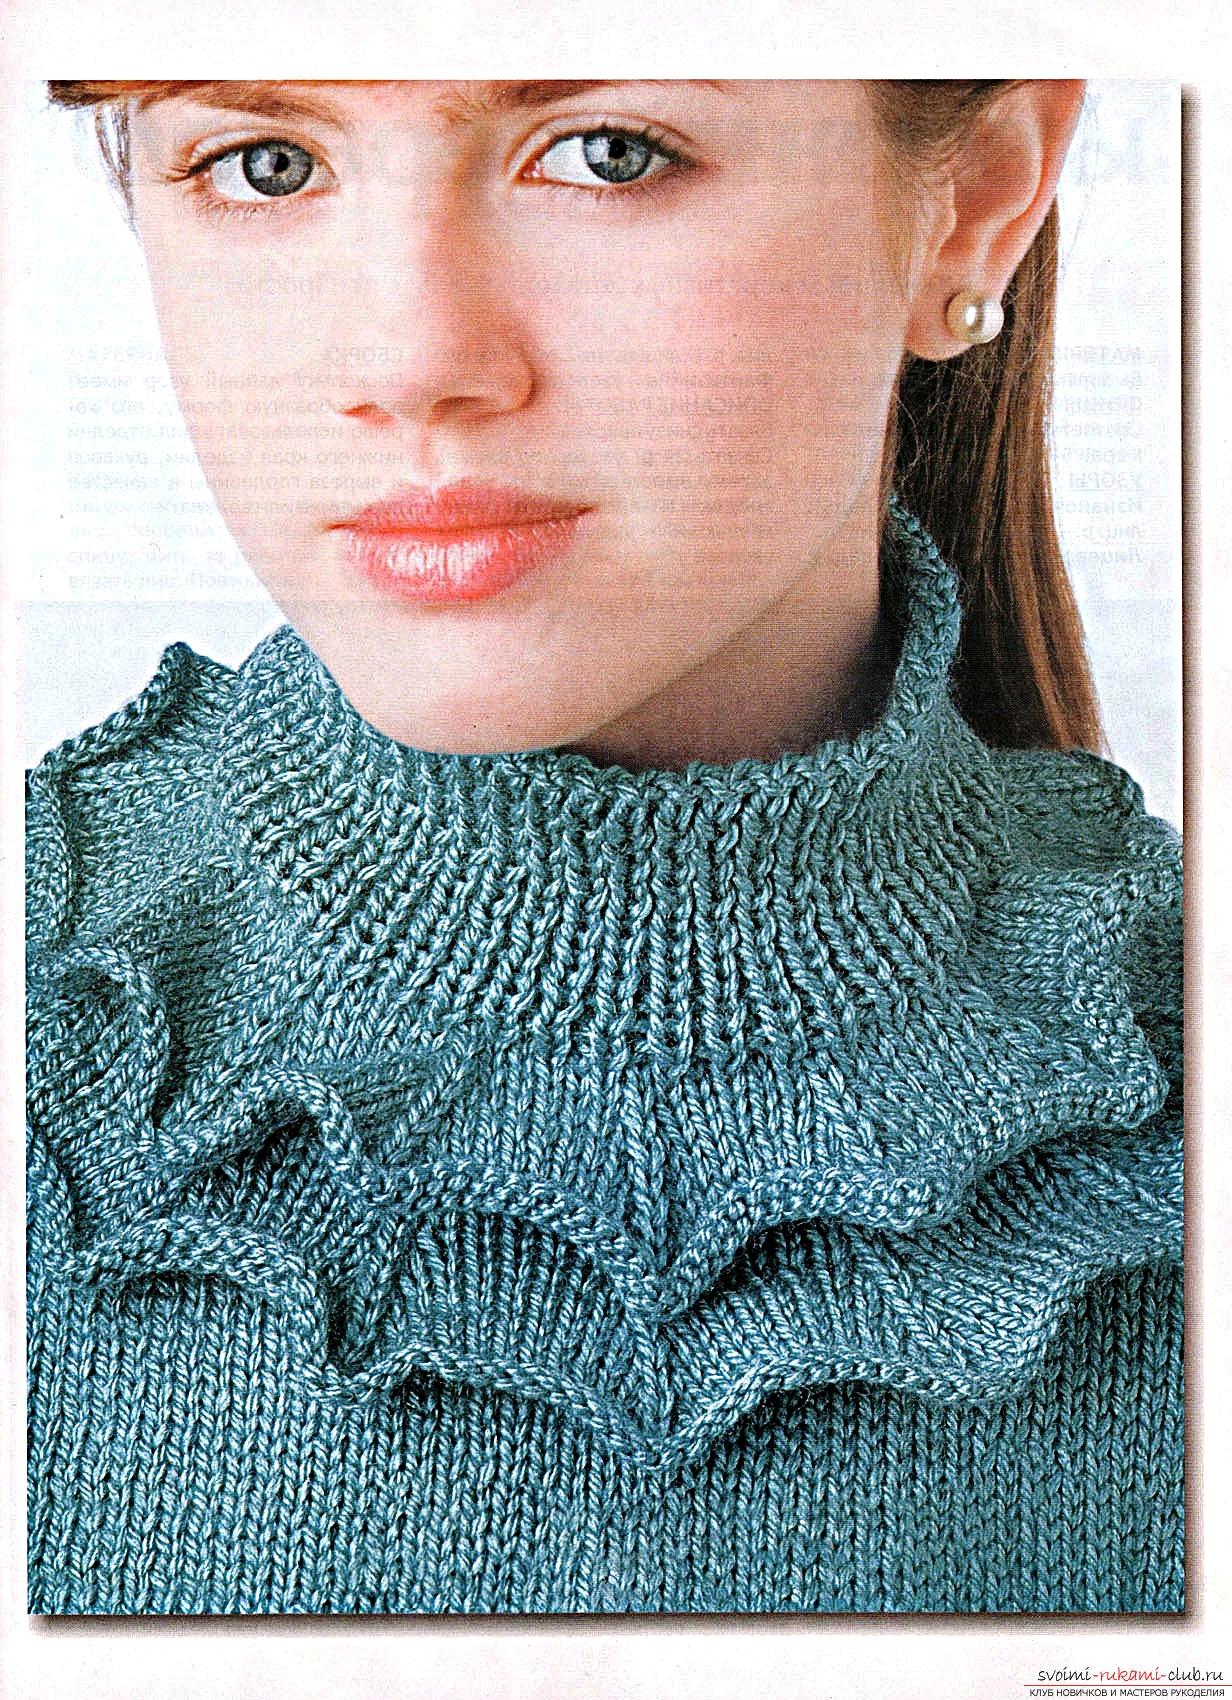 вязаный спицами свитер в ирландском стиле с интересным узором. Фото №9